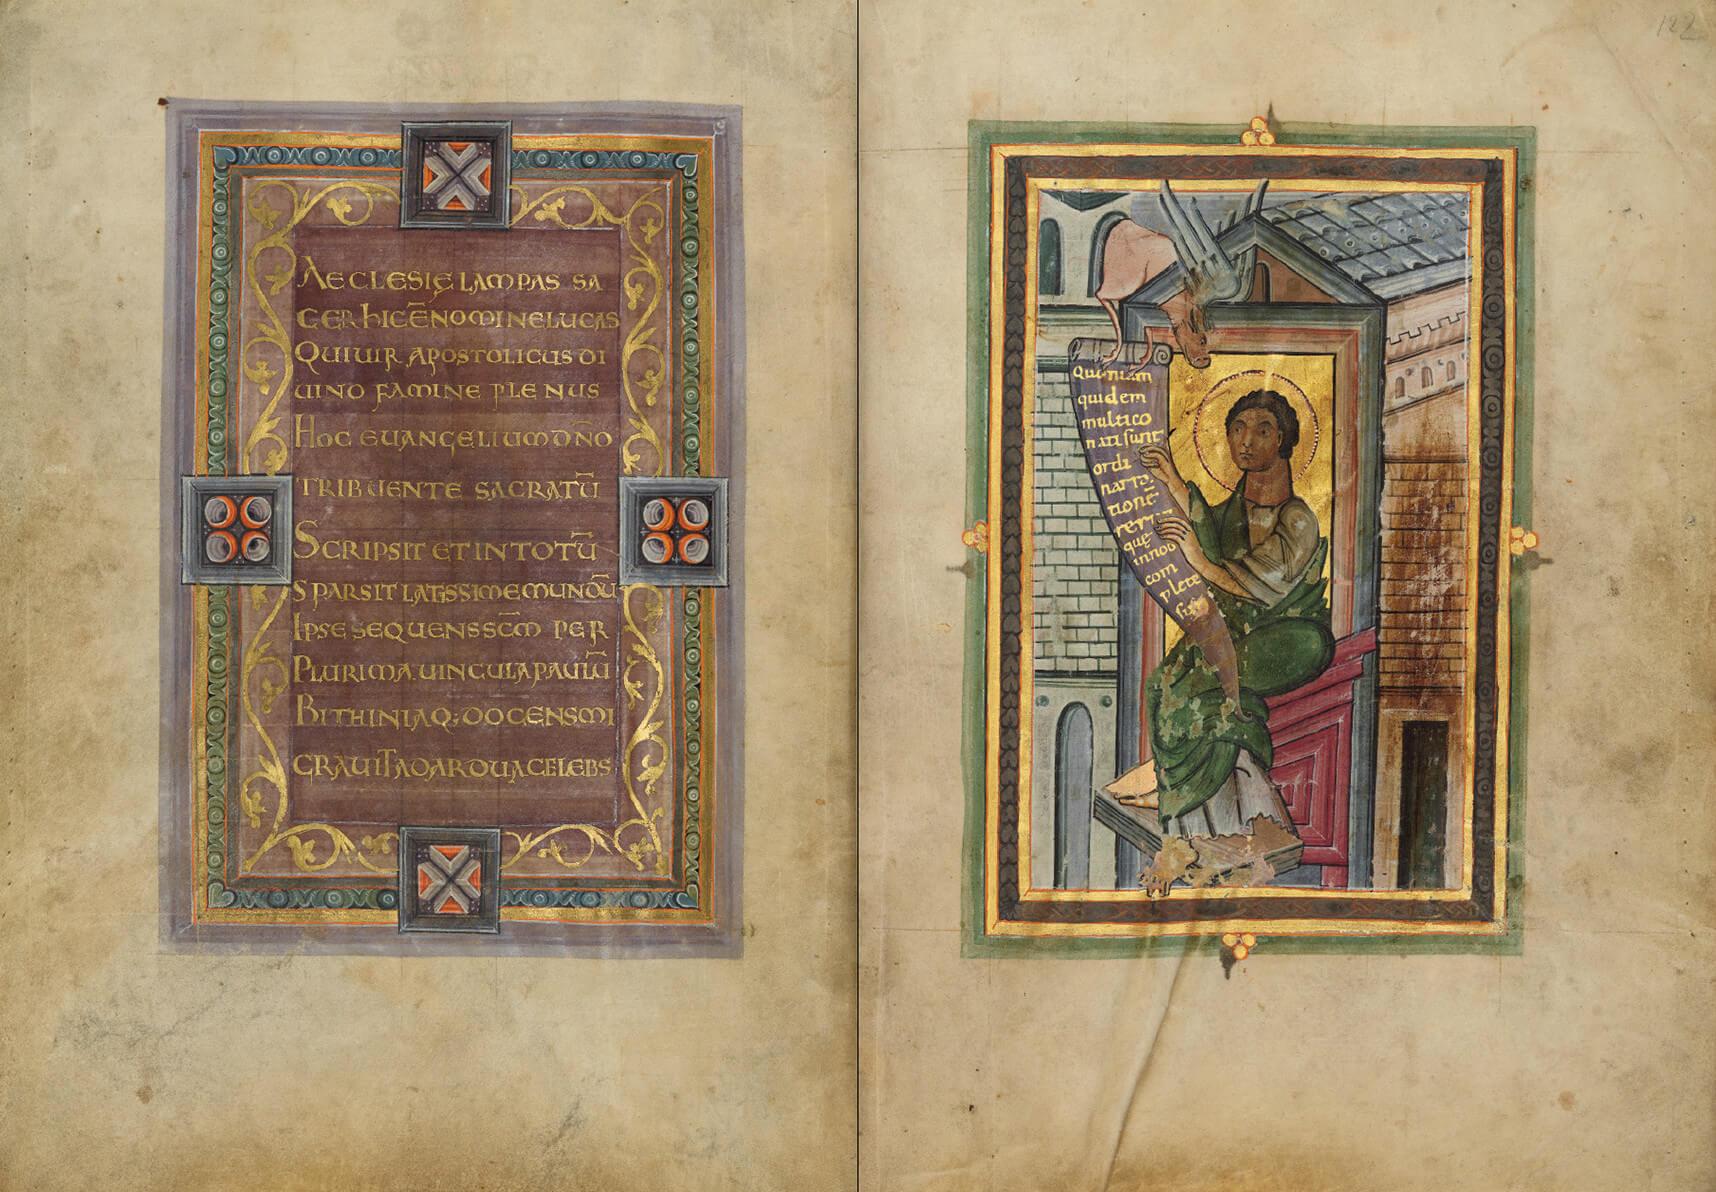 Kunstbuch-Edition des Prachtevangeliars aus Mariengraden, p. 132-133